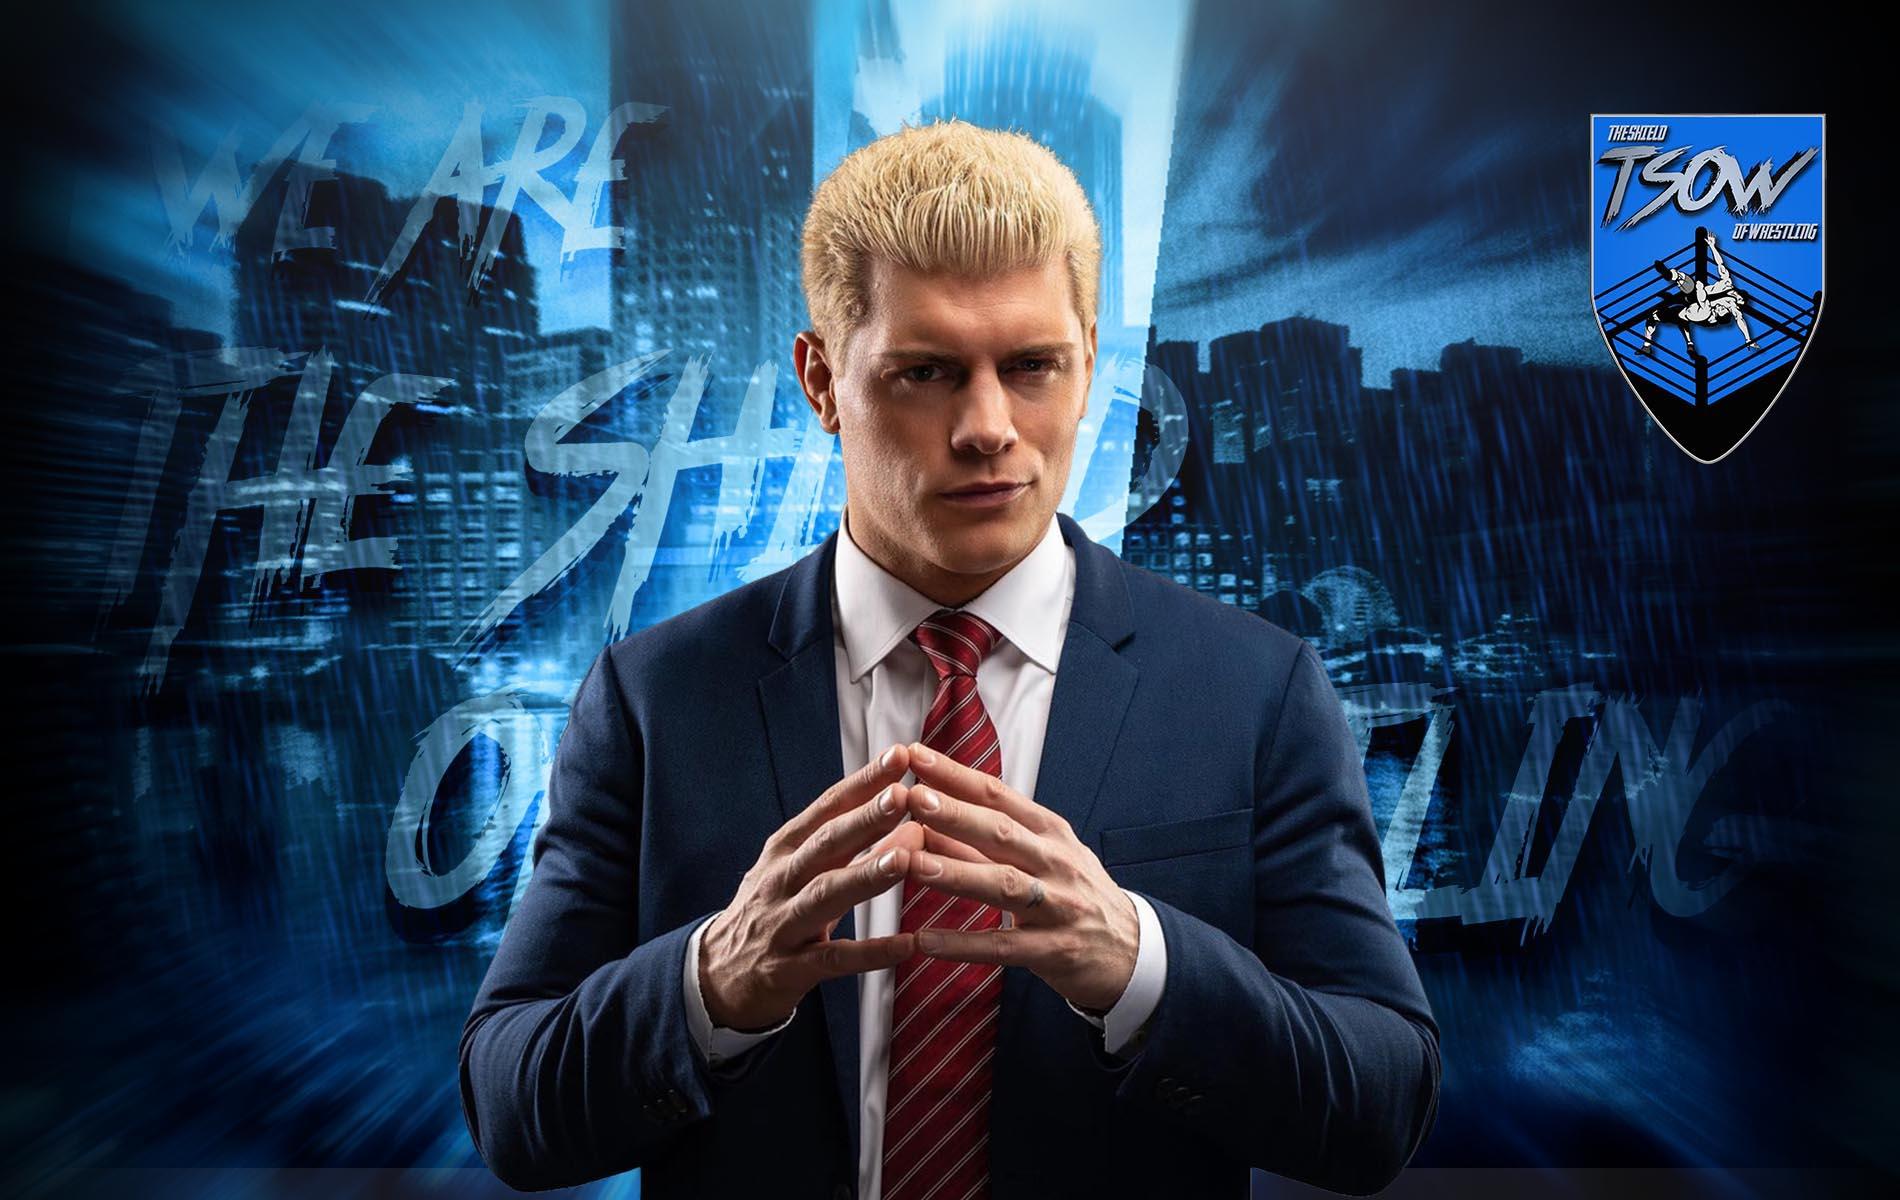 WWE detiene ancora i diritti del nome Cody Rhodes